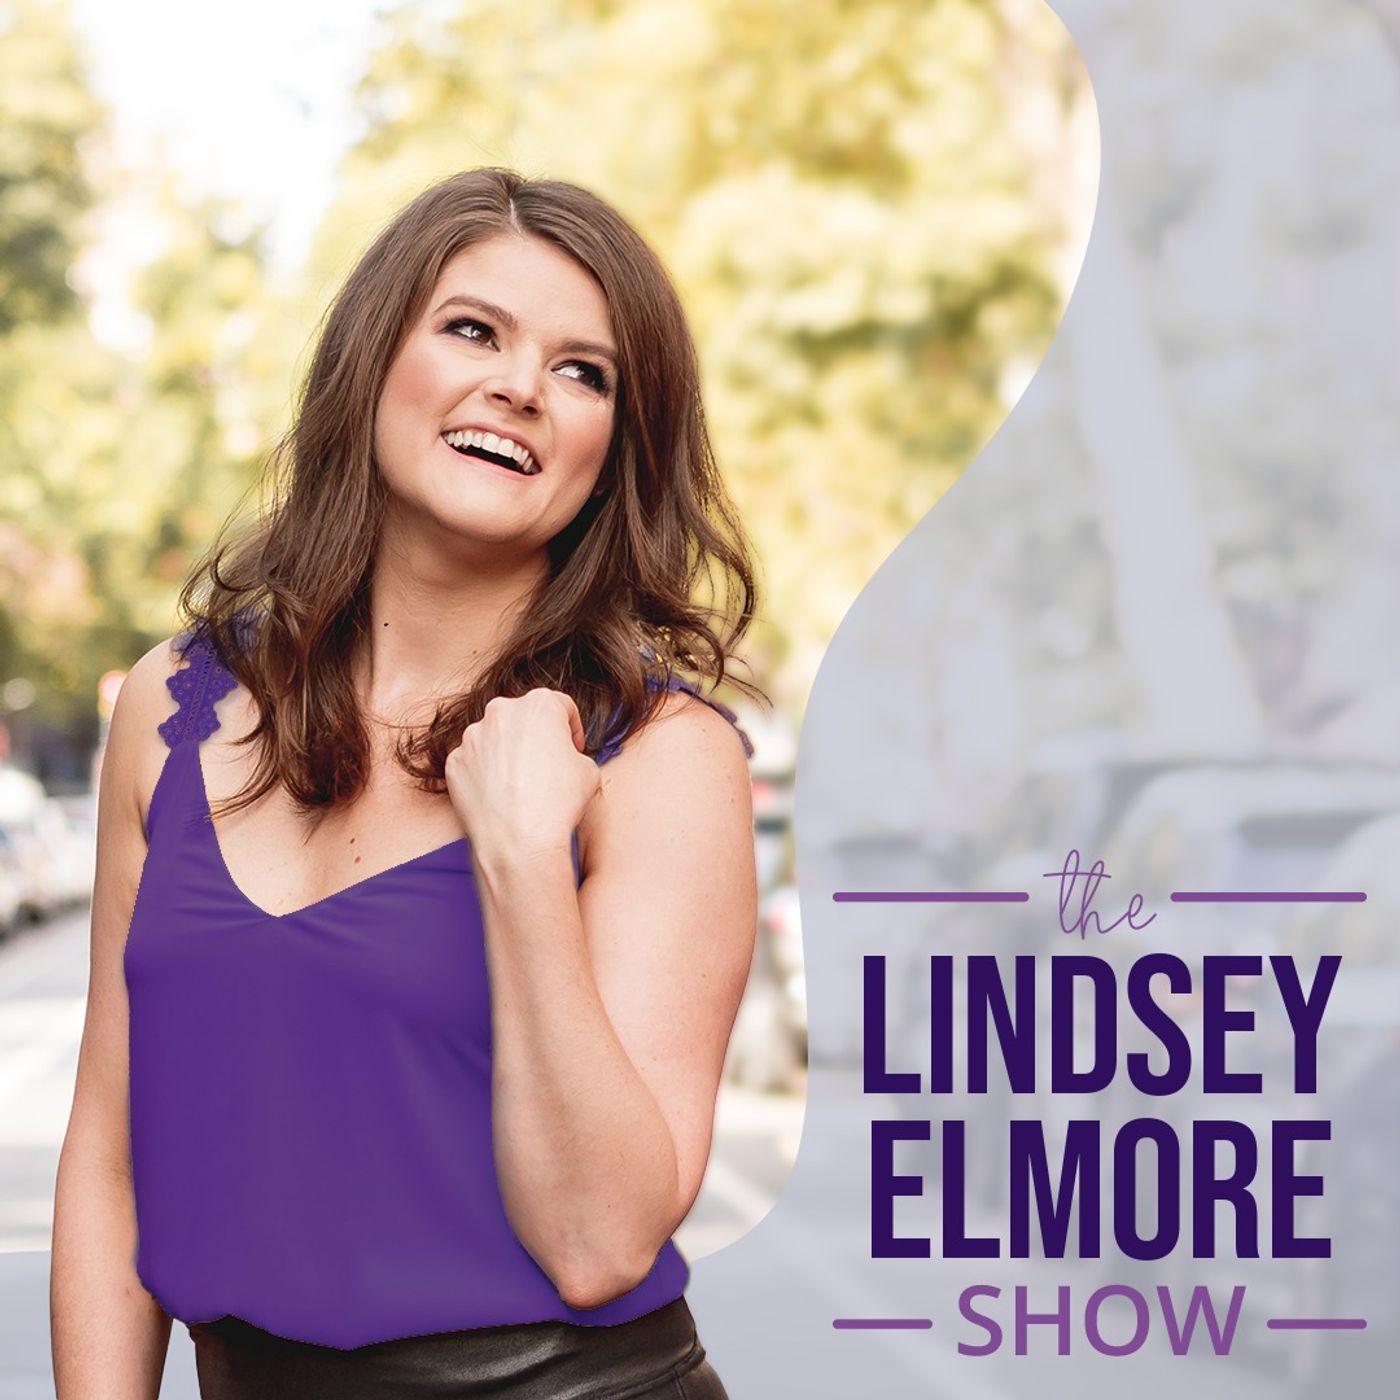 The Lindsey Elmore Show